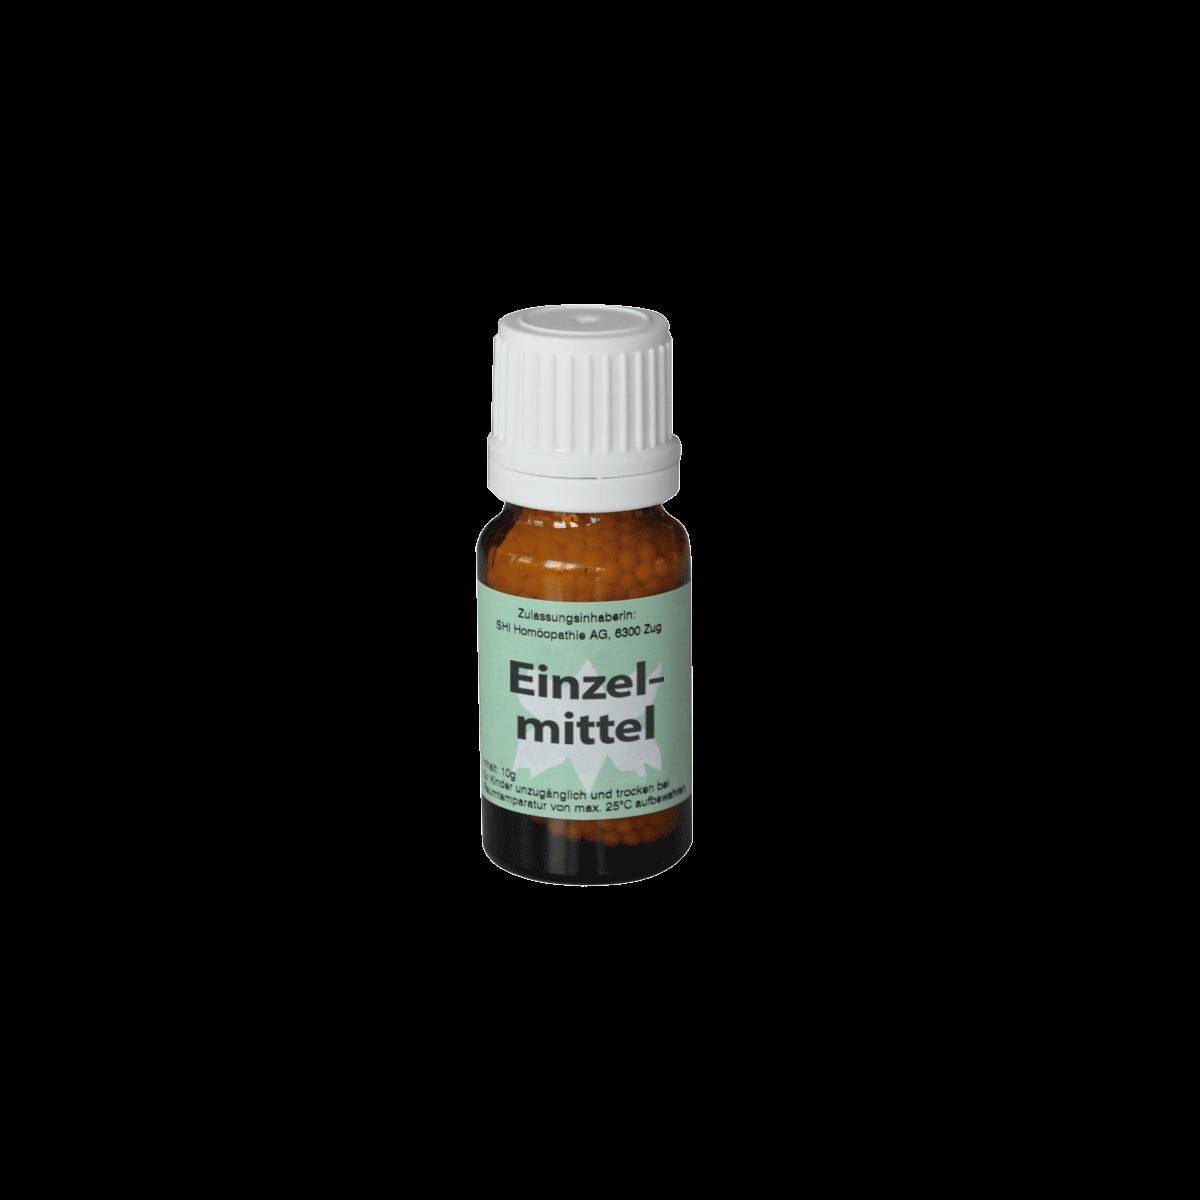 Acidum oxalicum